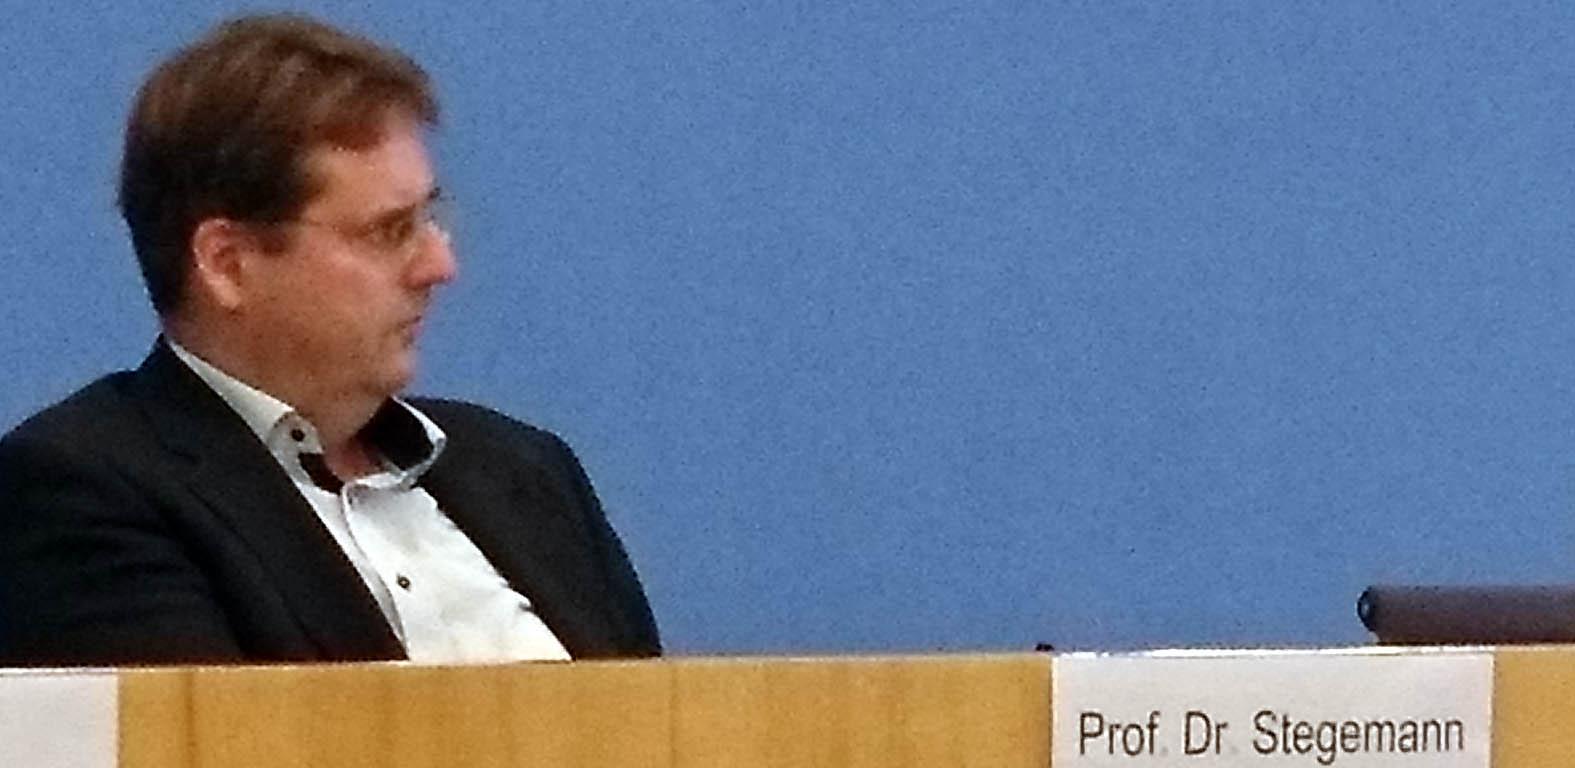 Bernd Stegemann auf dem Podium der Bundespressekonferenz